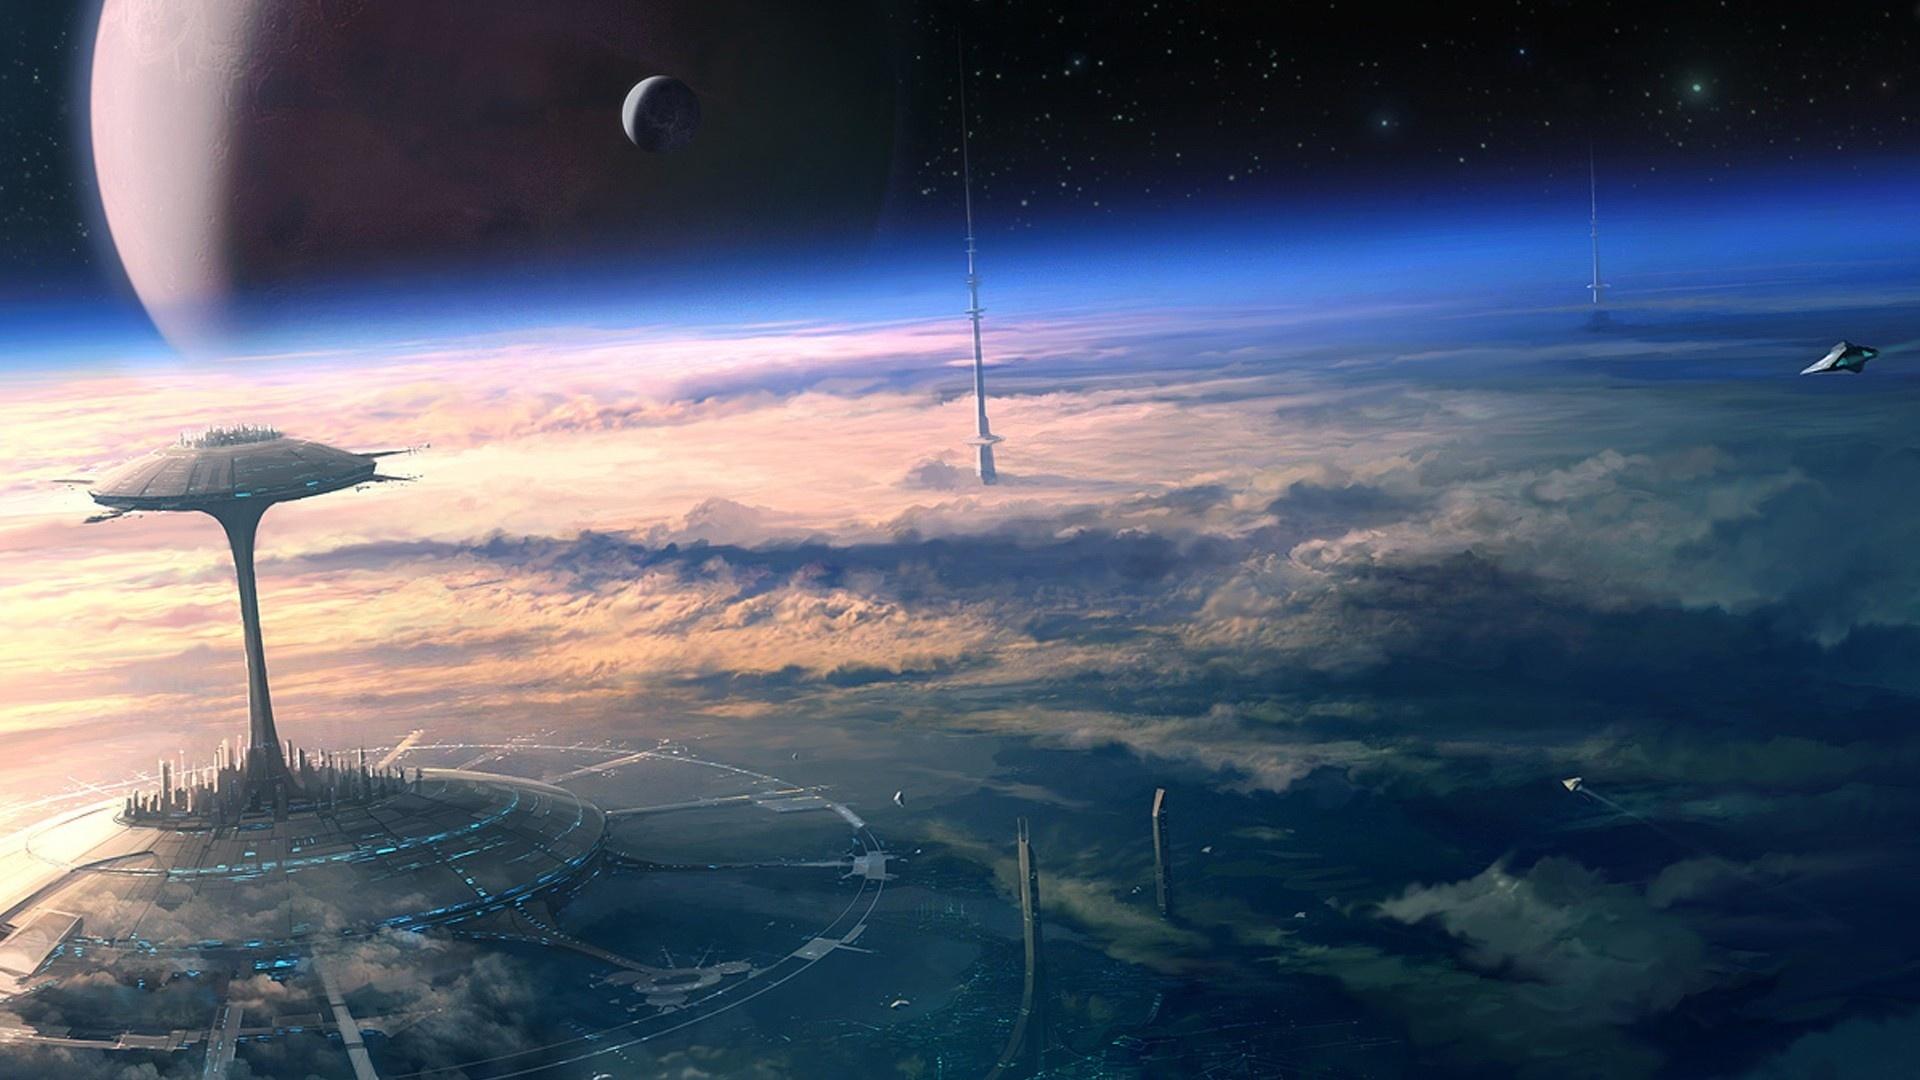 Alien Planet Art wallpaper photo hd